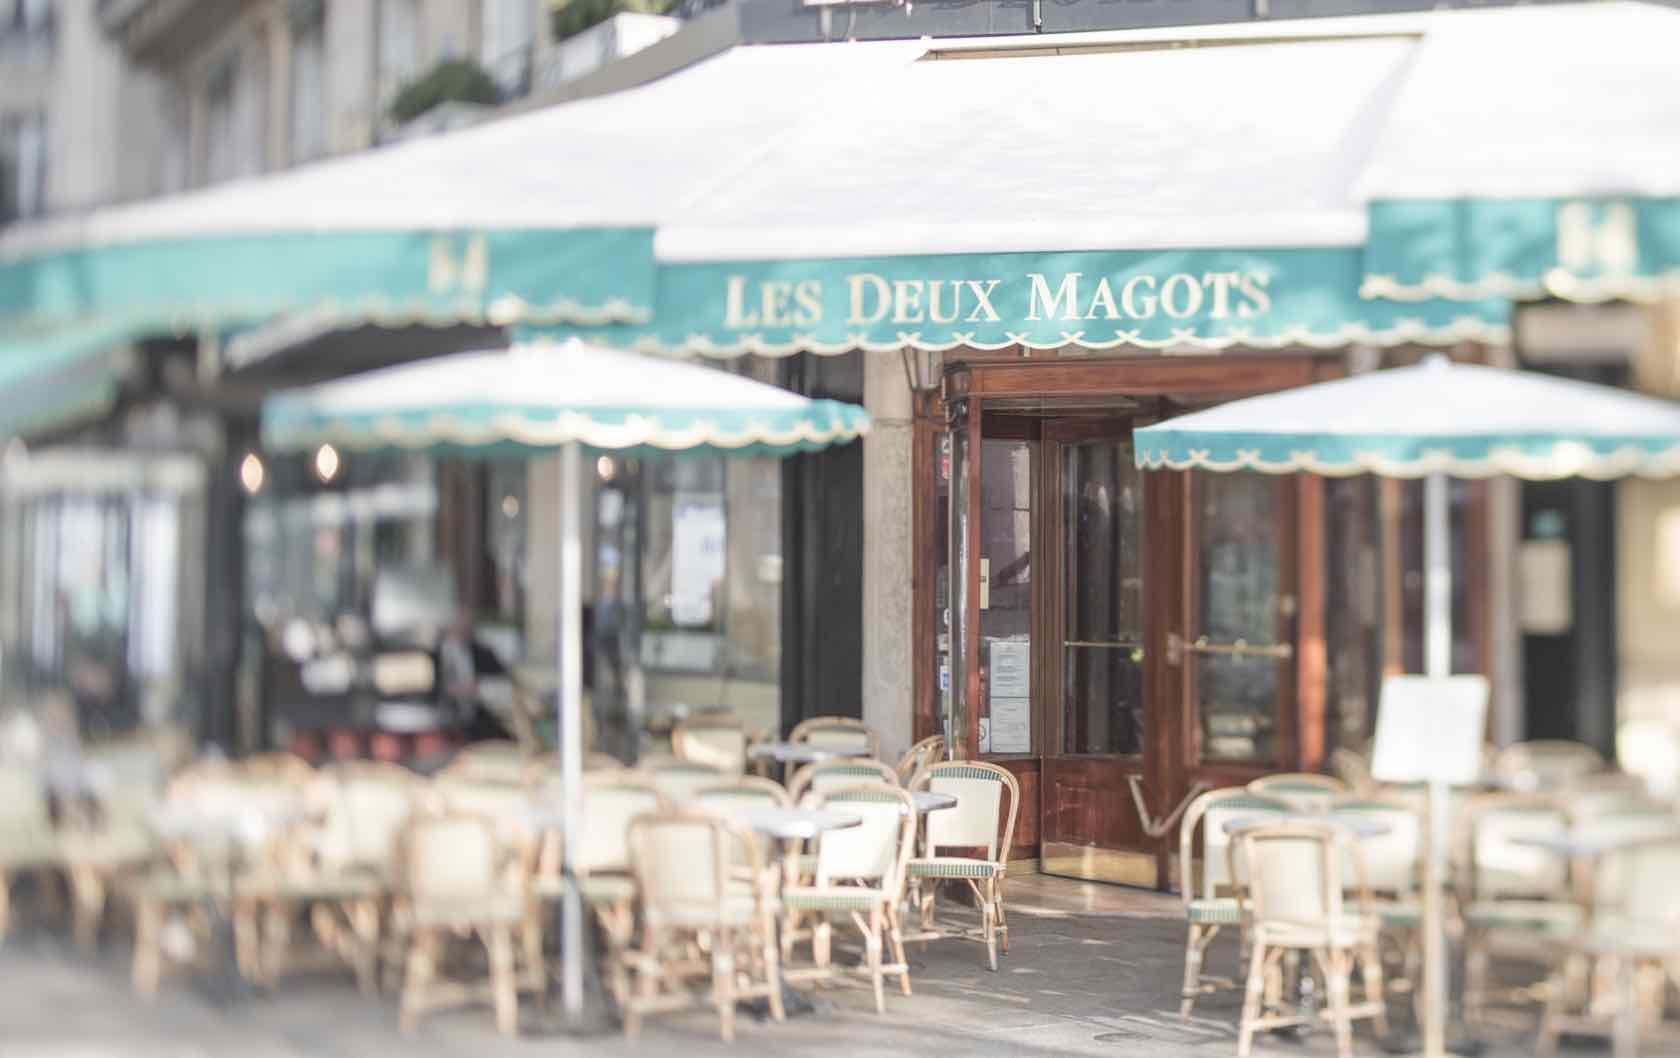 Le Deux Magot Paris Summer Walks in Paris